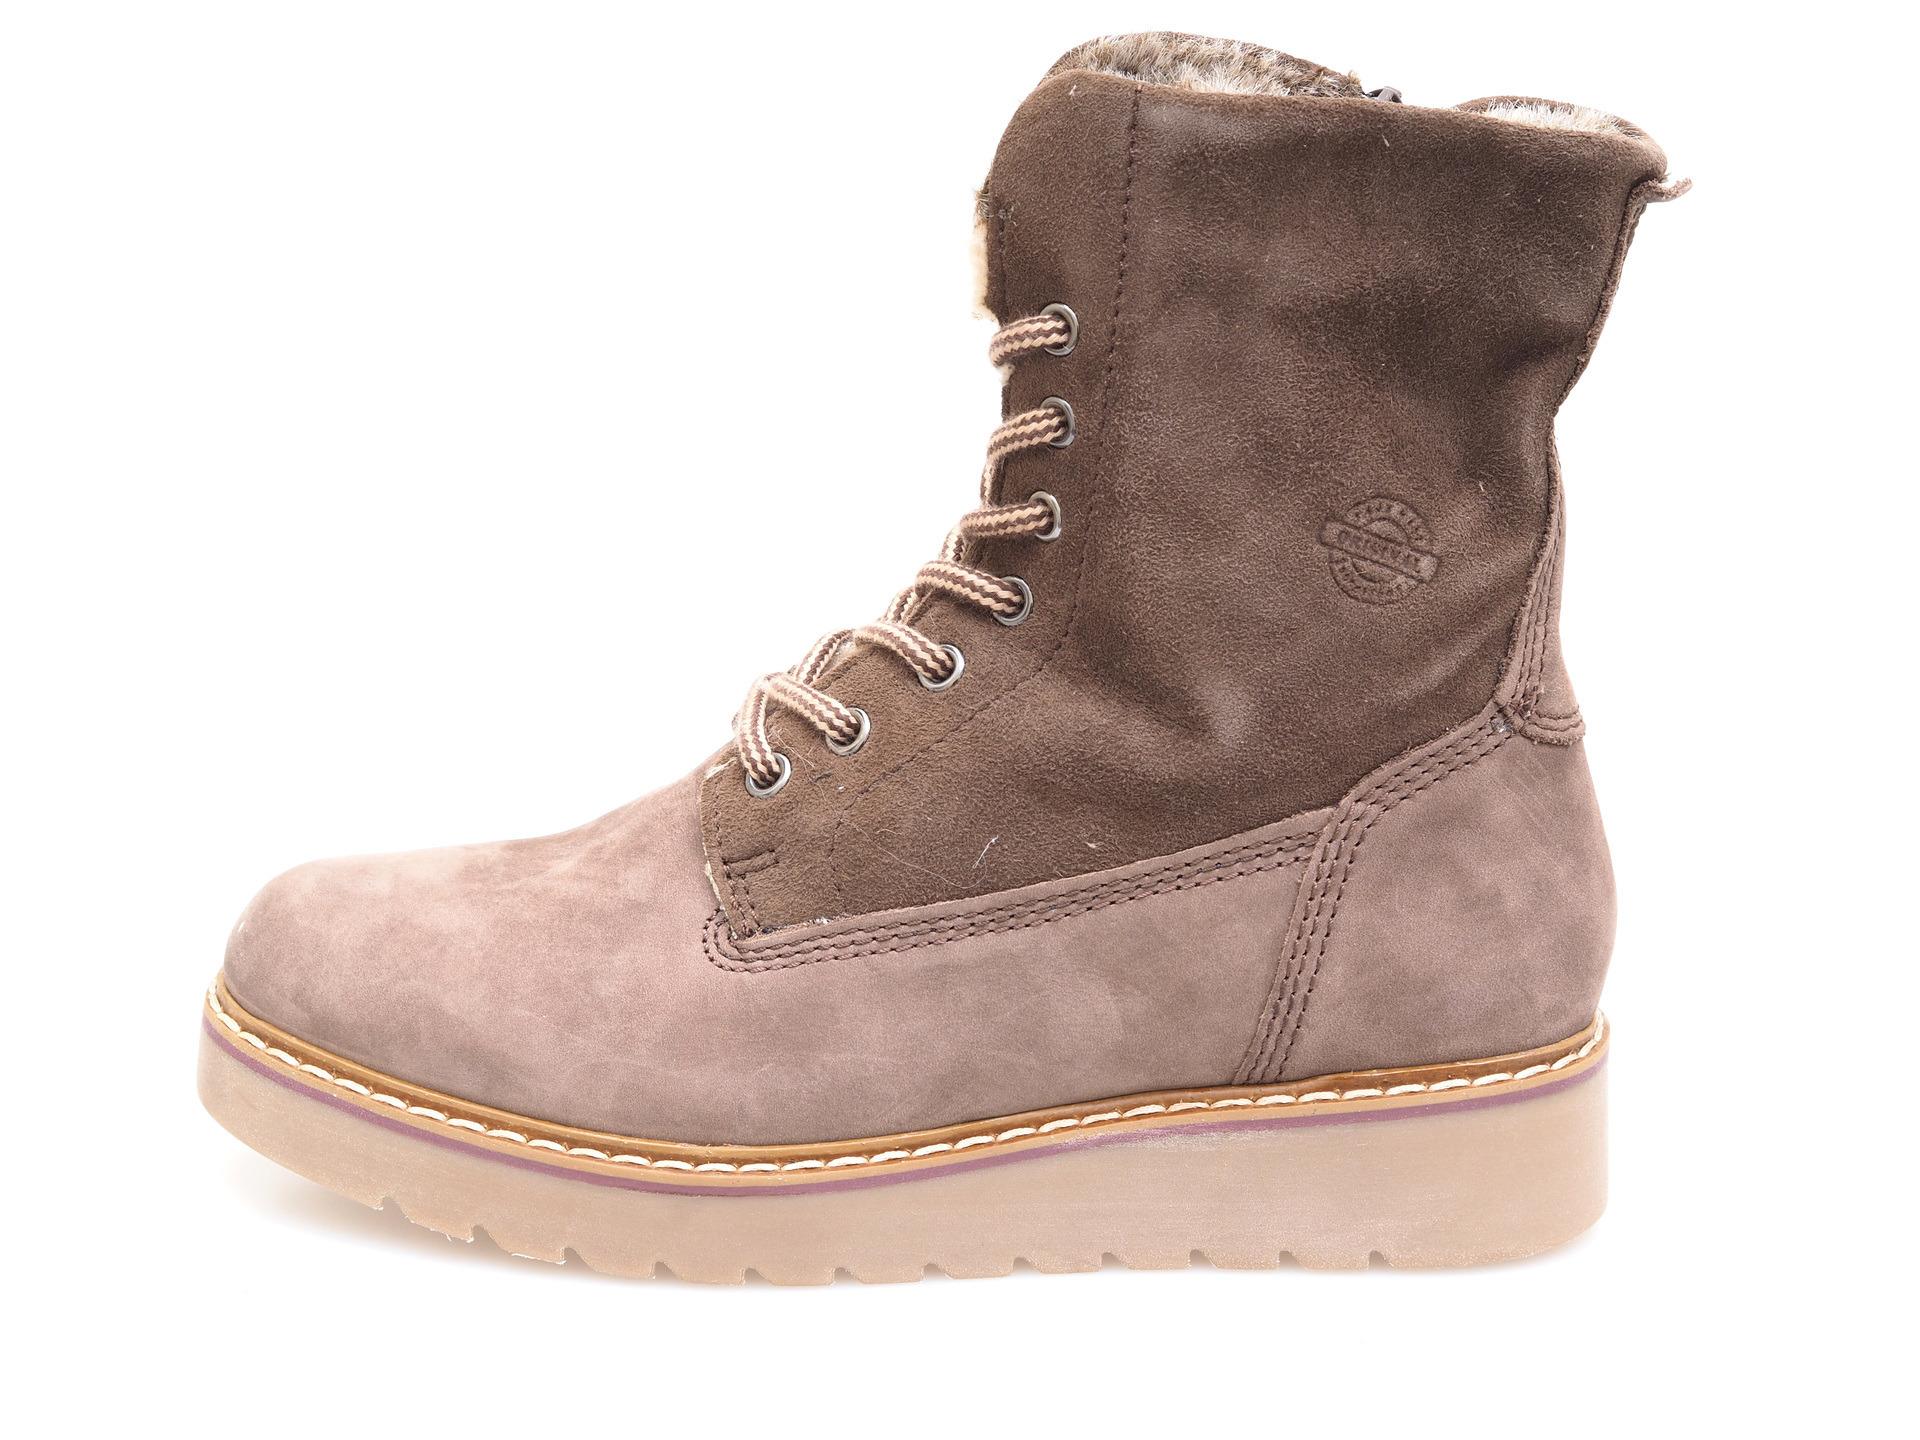 781e9bfb8256 Soňa - Dámska obuv - Kotníčky - Dámska obuv šnurovacia zateplená